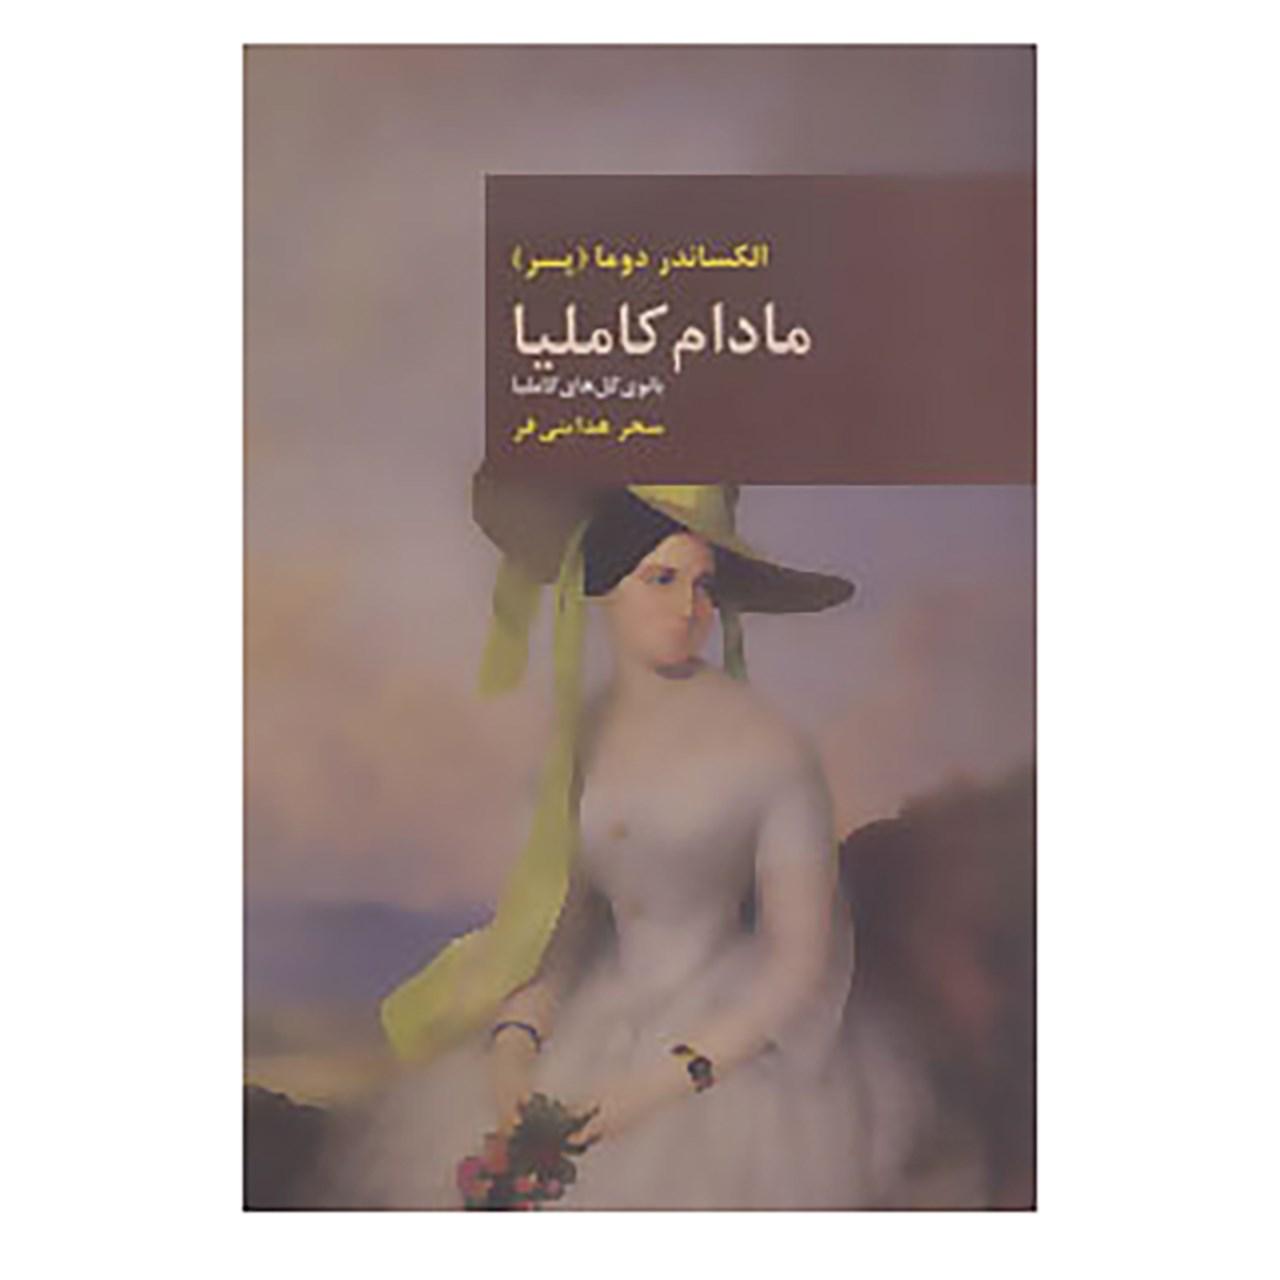 کتاب رمان های بزرگ جهان 2 اثر الکساندر دوما